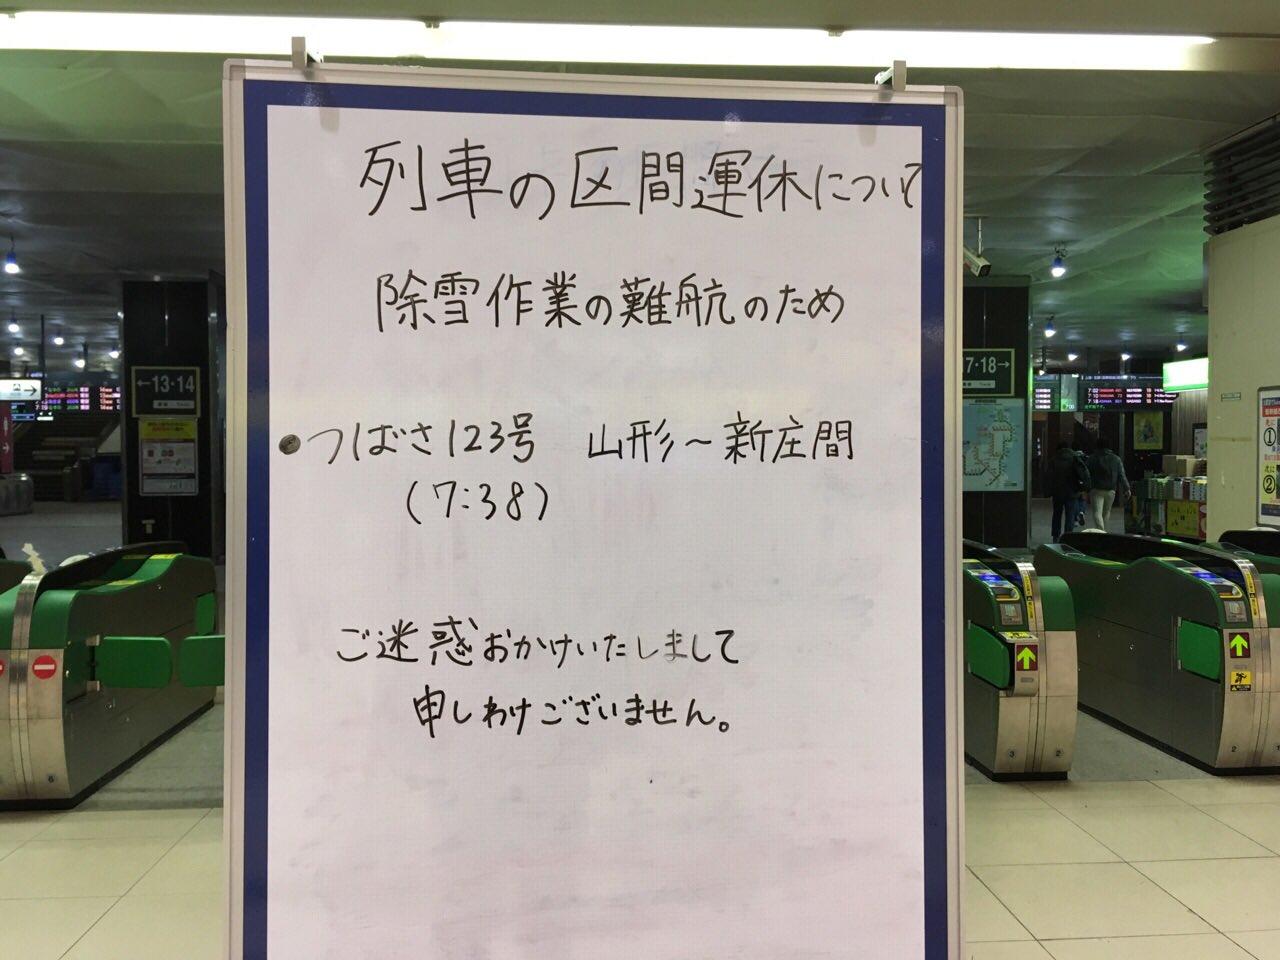 運行 奥羽 状況 本線